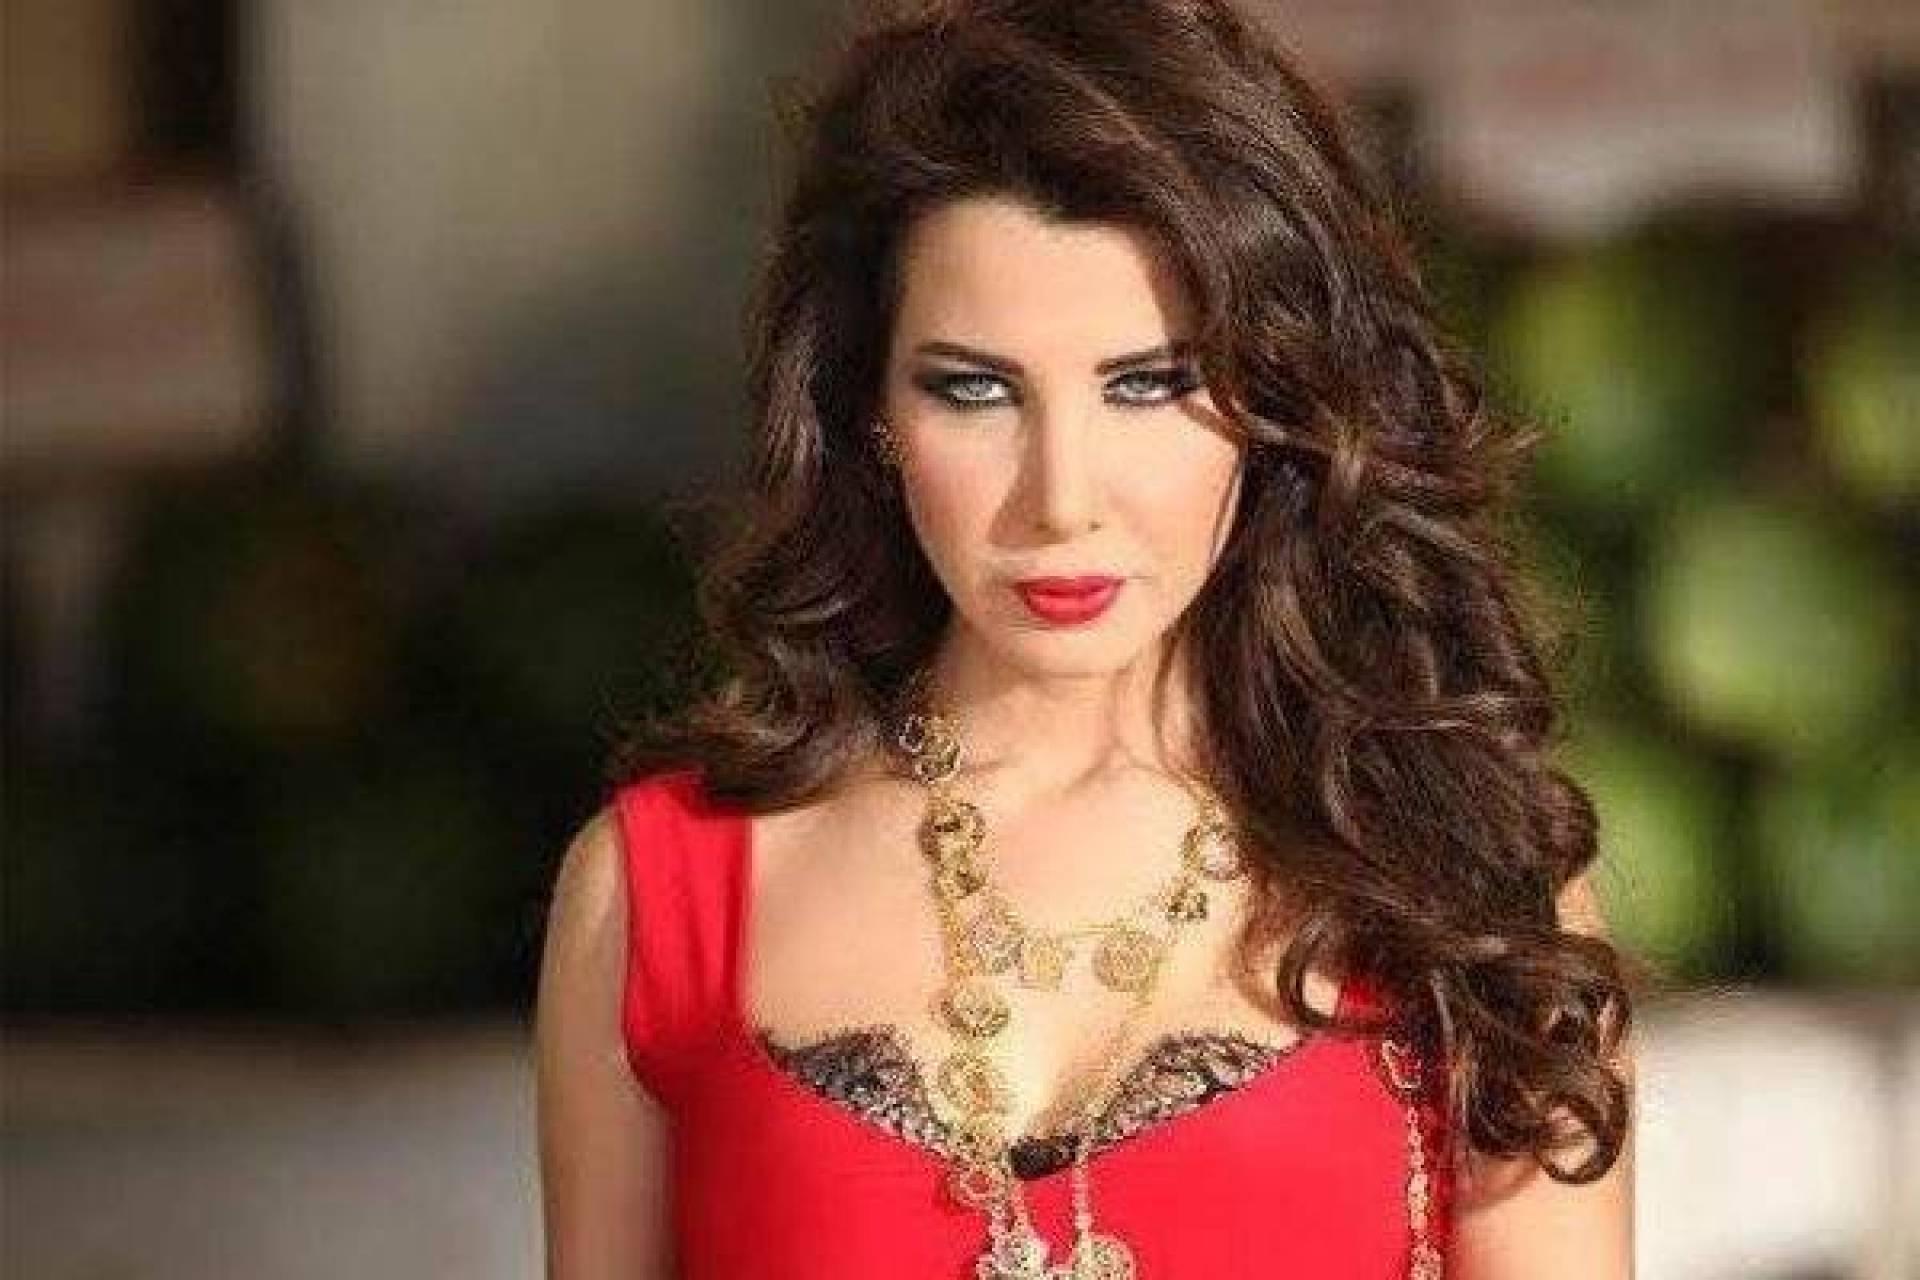 بالصور - شبيهة نانسي عجرم المحجبة تشعل المواقع   Laha Magazine